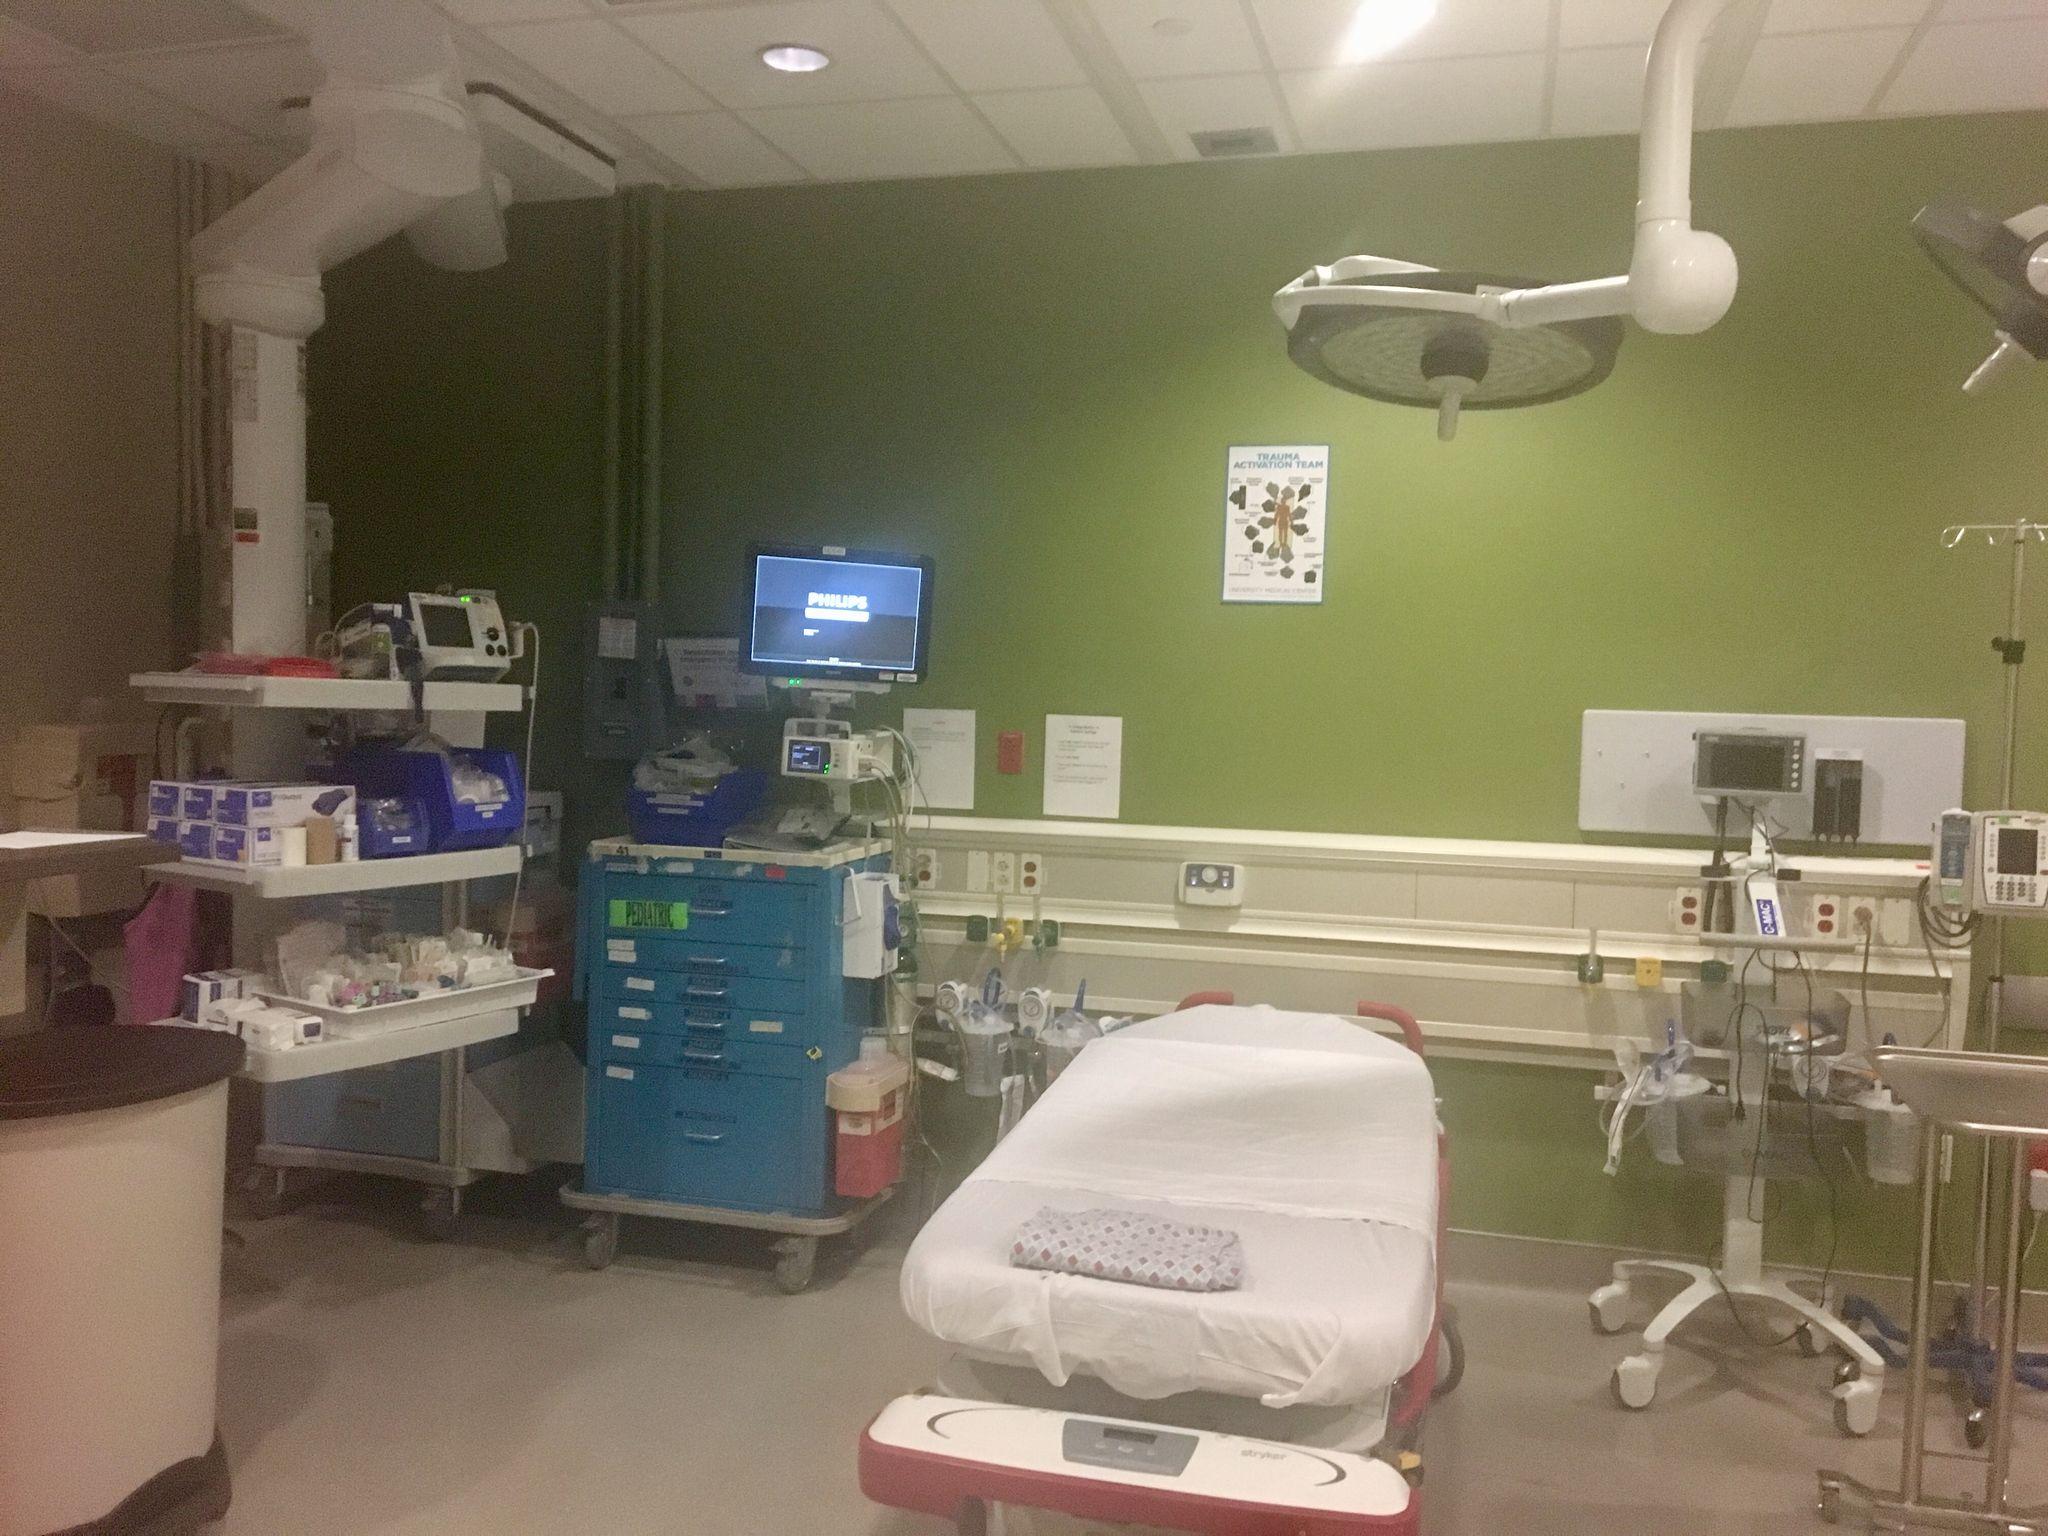 FullSizeRender12 L' Ambulancier : le site de référence EMS Nouvelle Orléans - Un ambulancier parmi les paramedics